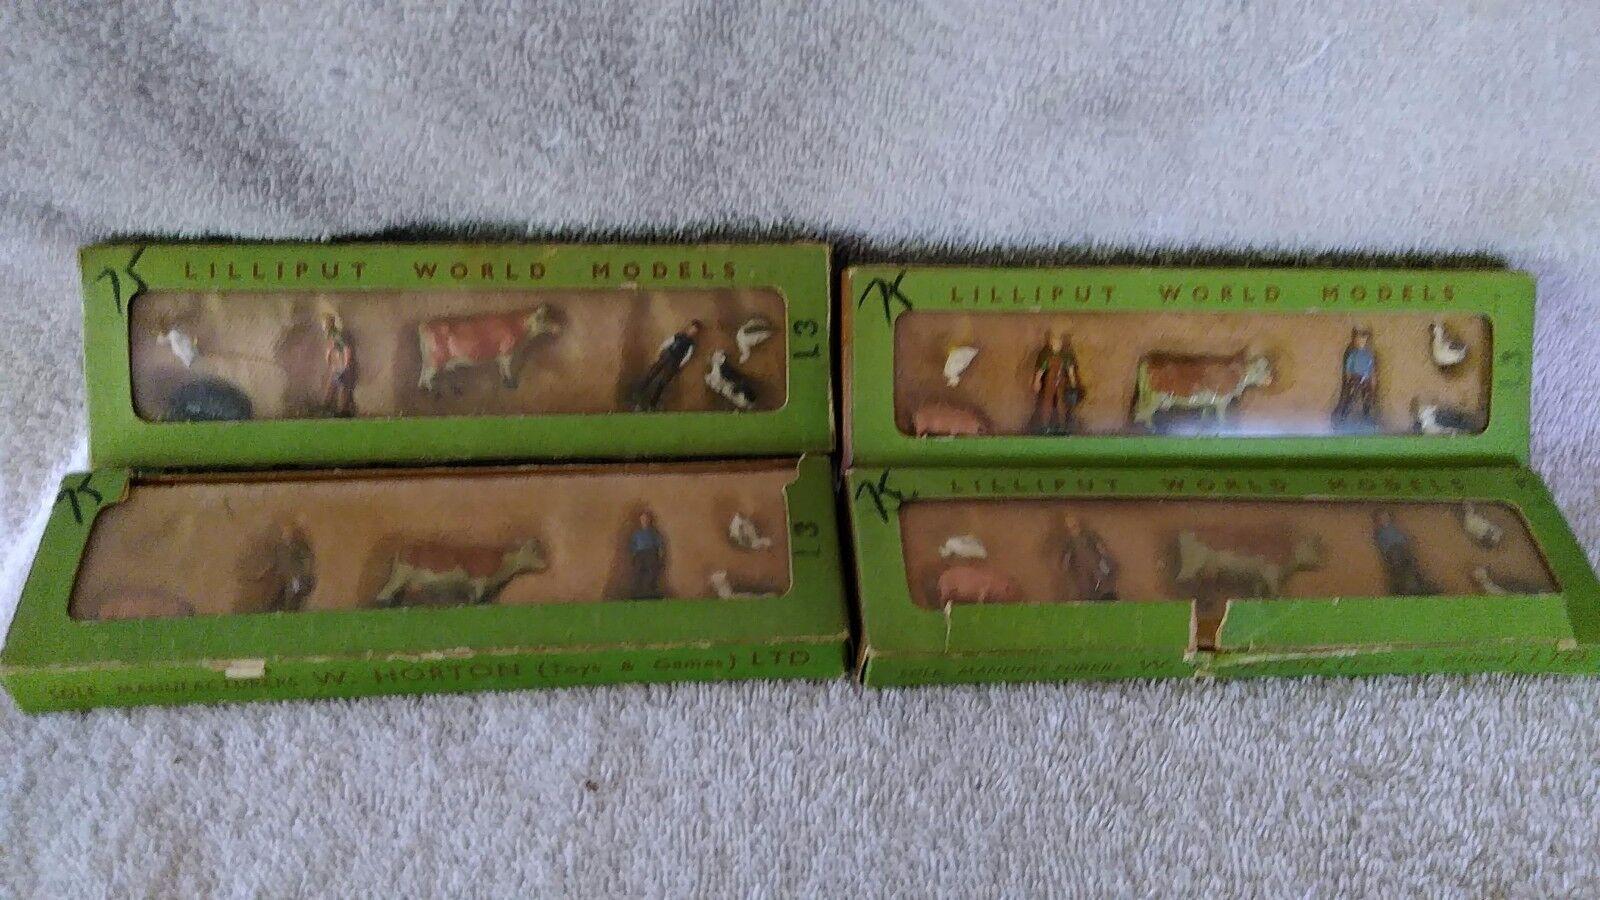 W. Horton Gran Bretaña Lilliput mundo HO calibre  459993 animales de granja gente y Vaca + +